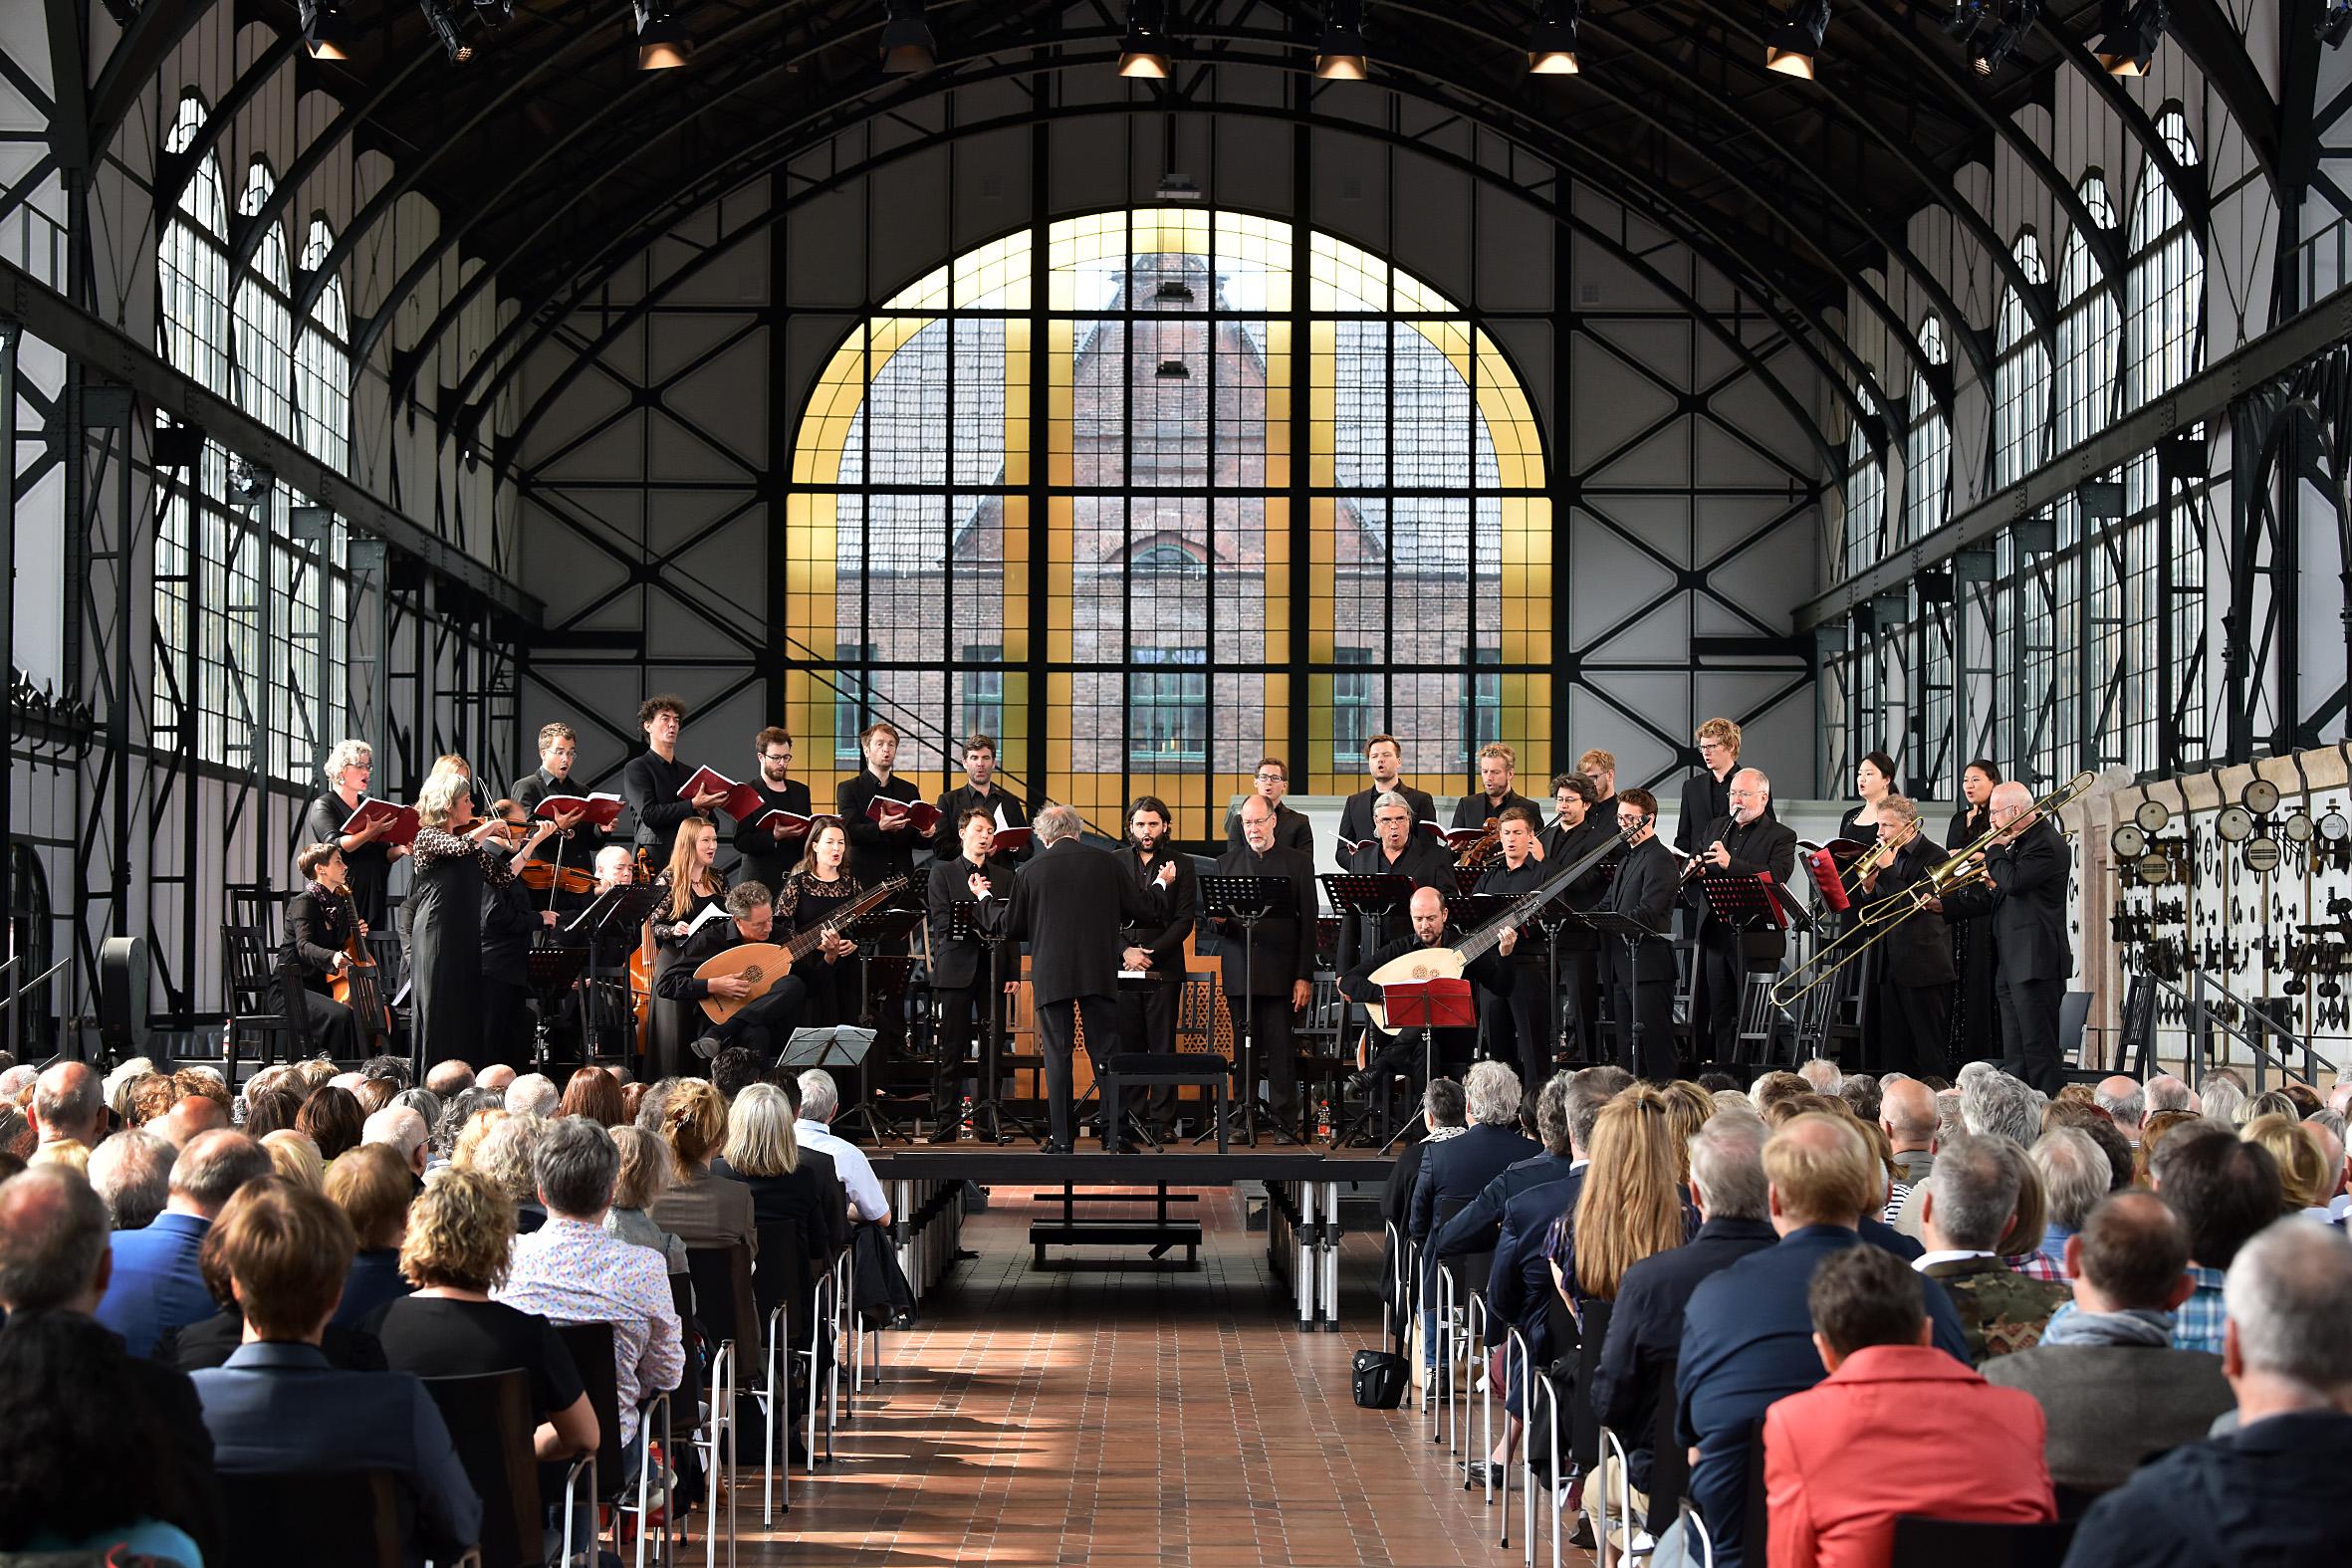 Concerto vocale Gent in der Maschinenhalle der Zeche Zollern.  Foto: Volker Beushausen